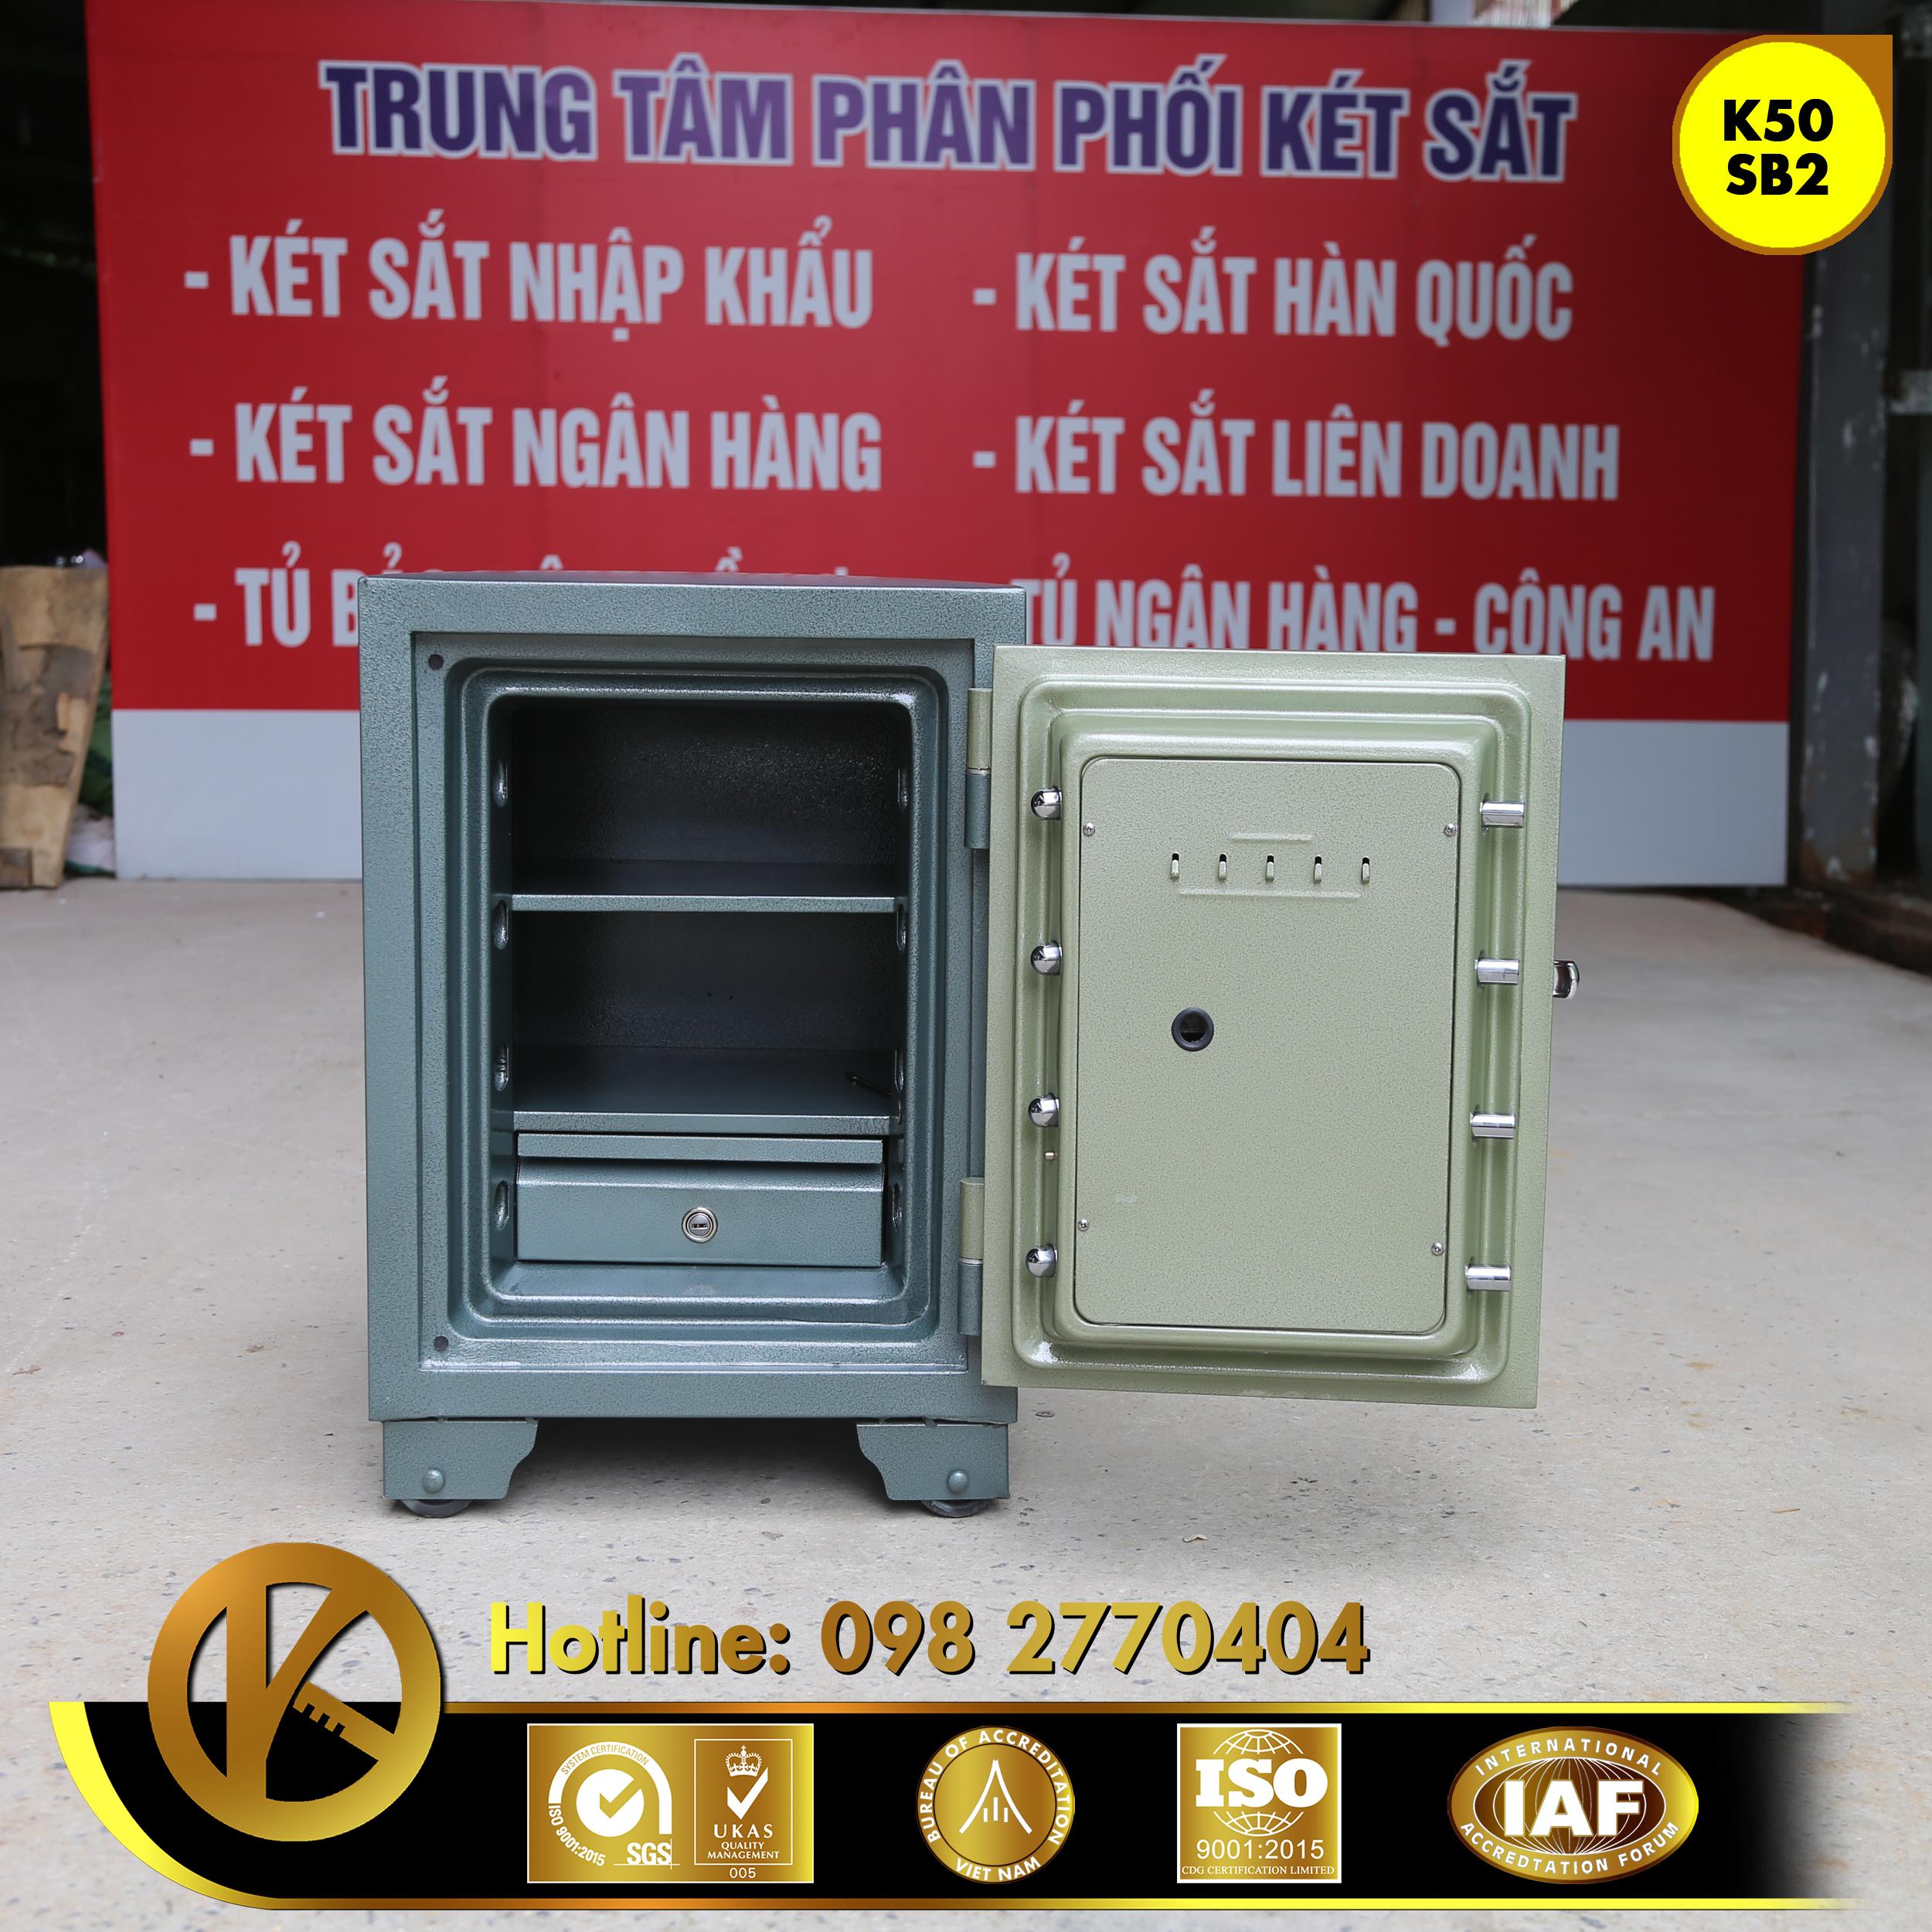 hình ảnh sản phẩm Két Sắt Ngân Hàng BEMC K50 SB2